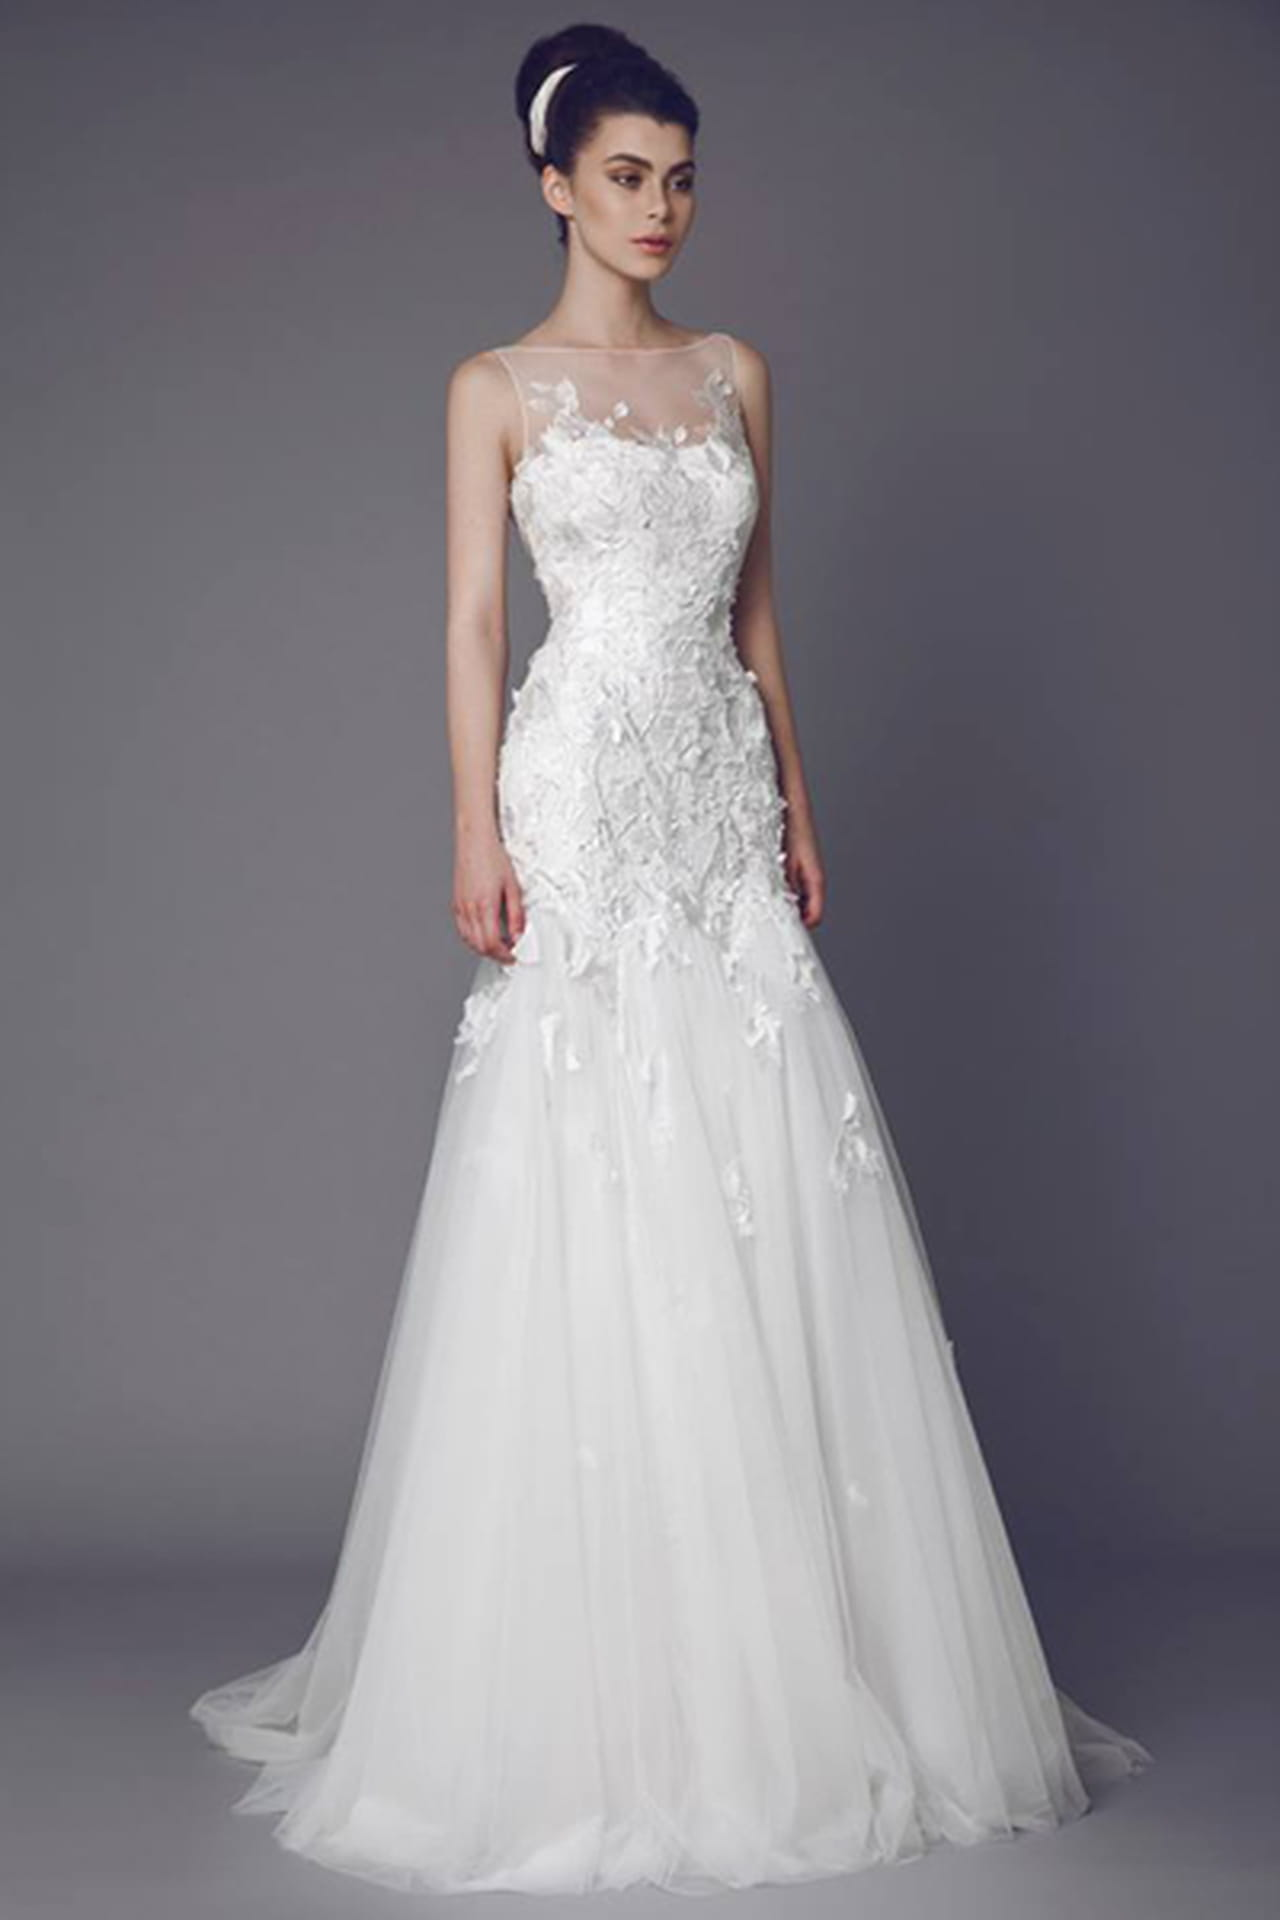 فساتين زفاف طوني ورد 824006